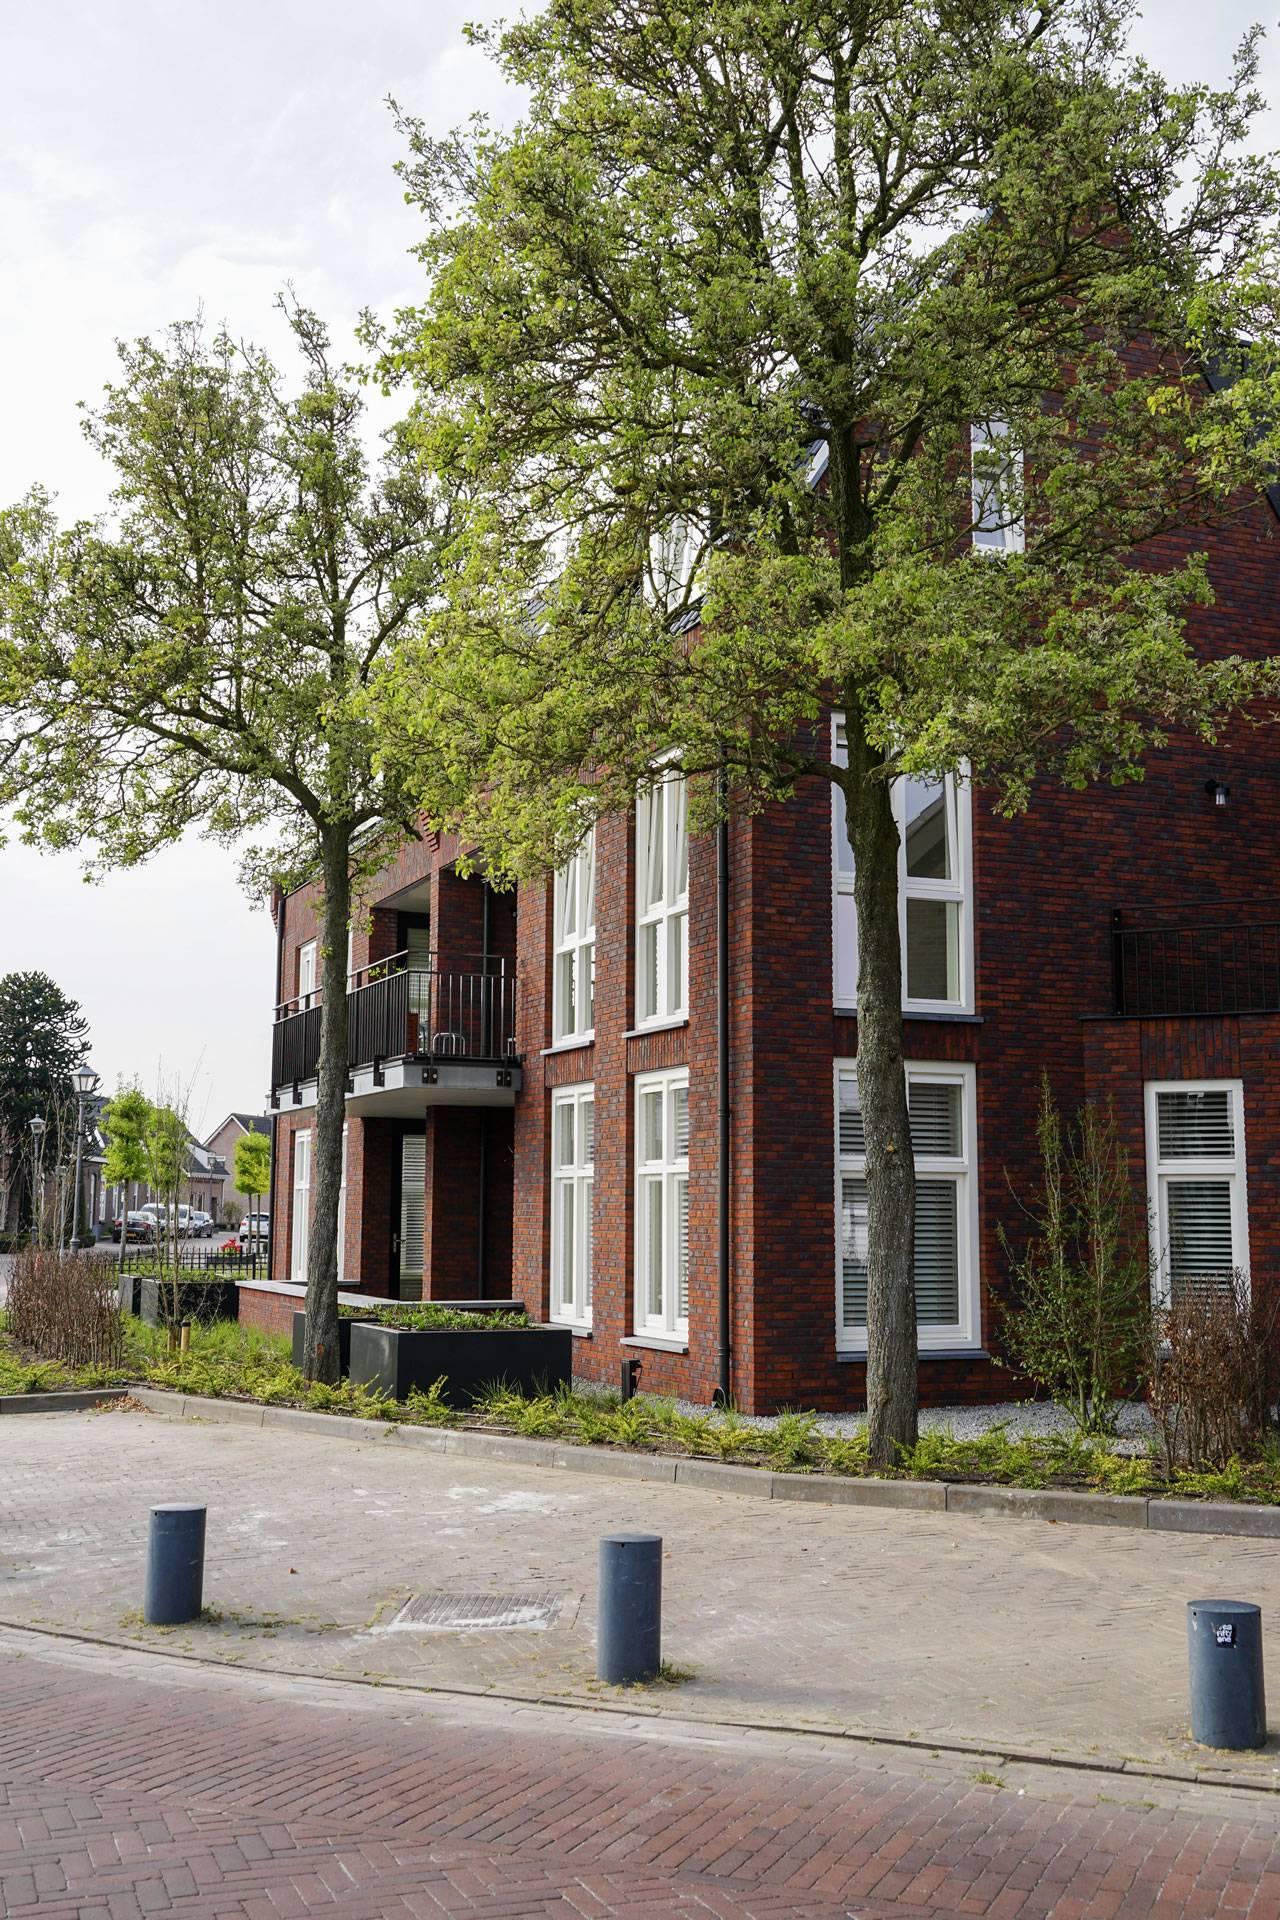 Verouden Bouwbedrijf - 6 luxe nieuwbouw appartementen - 06 - DSC05039